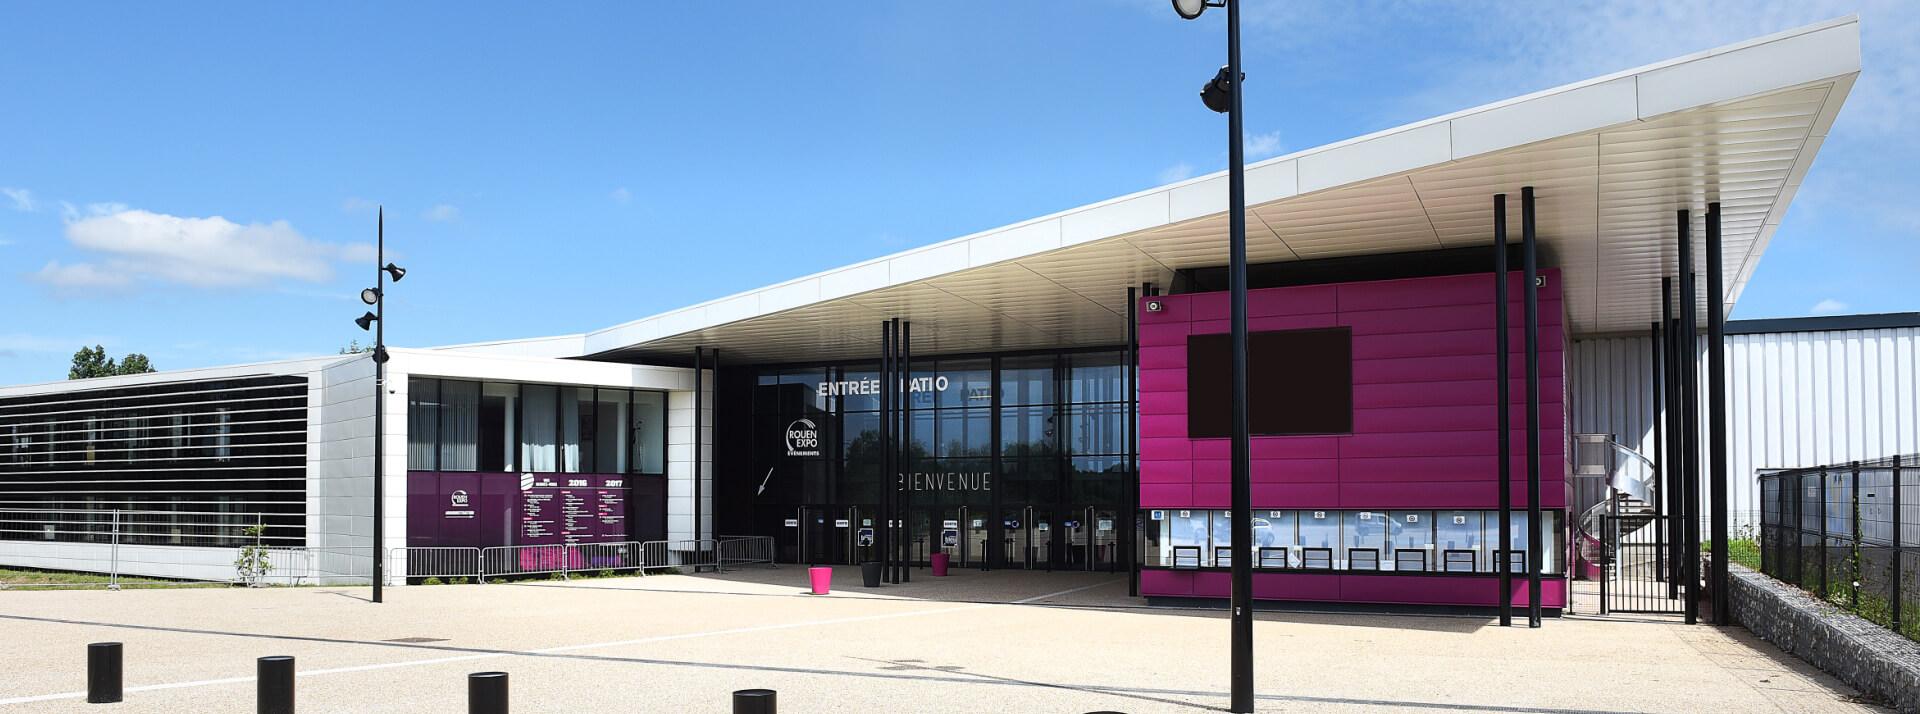 Parc des expositions de Rouen